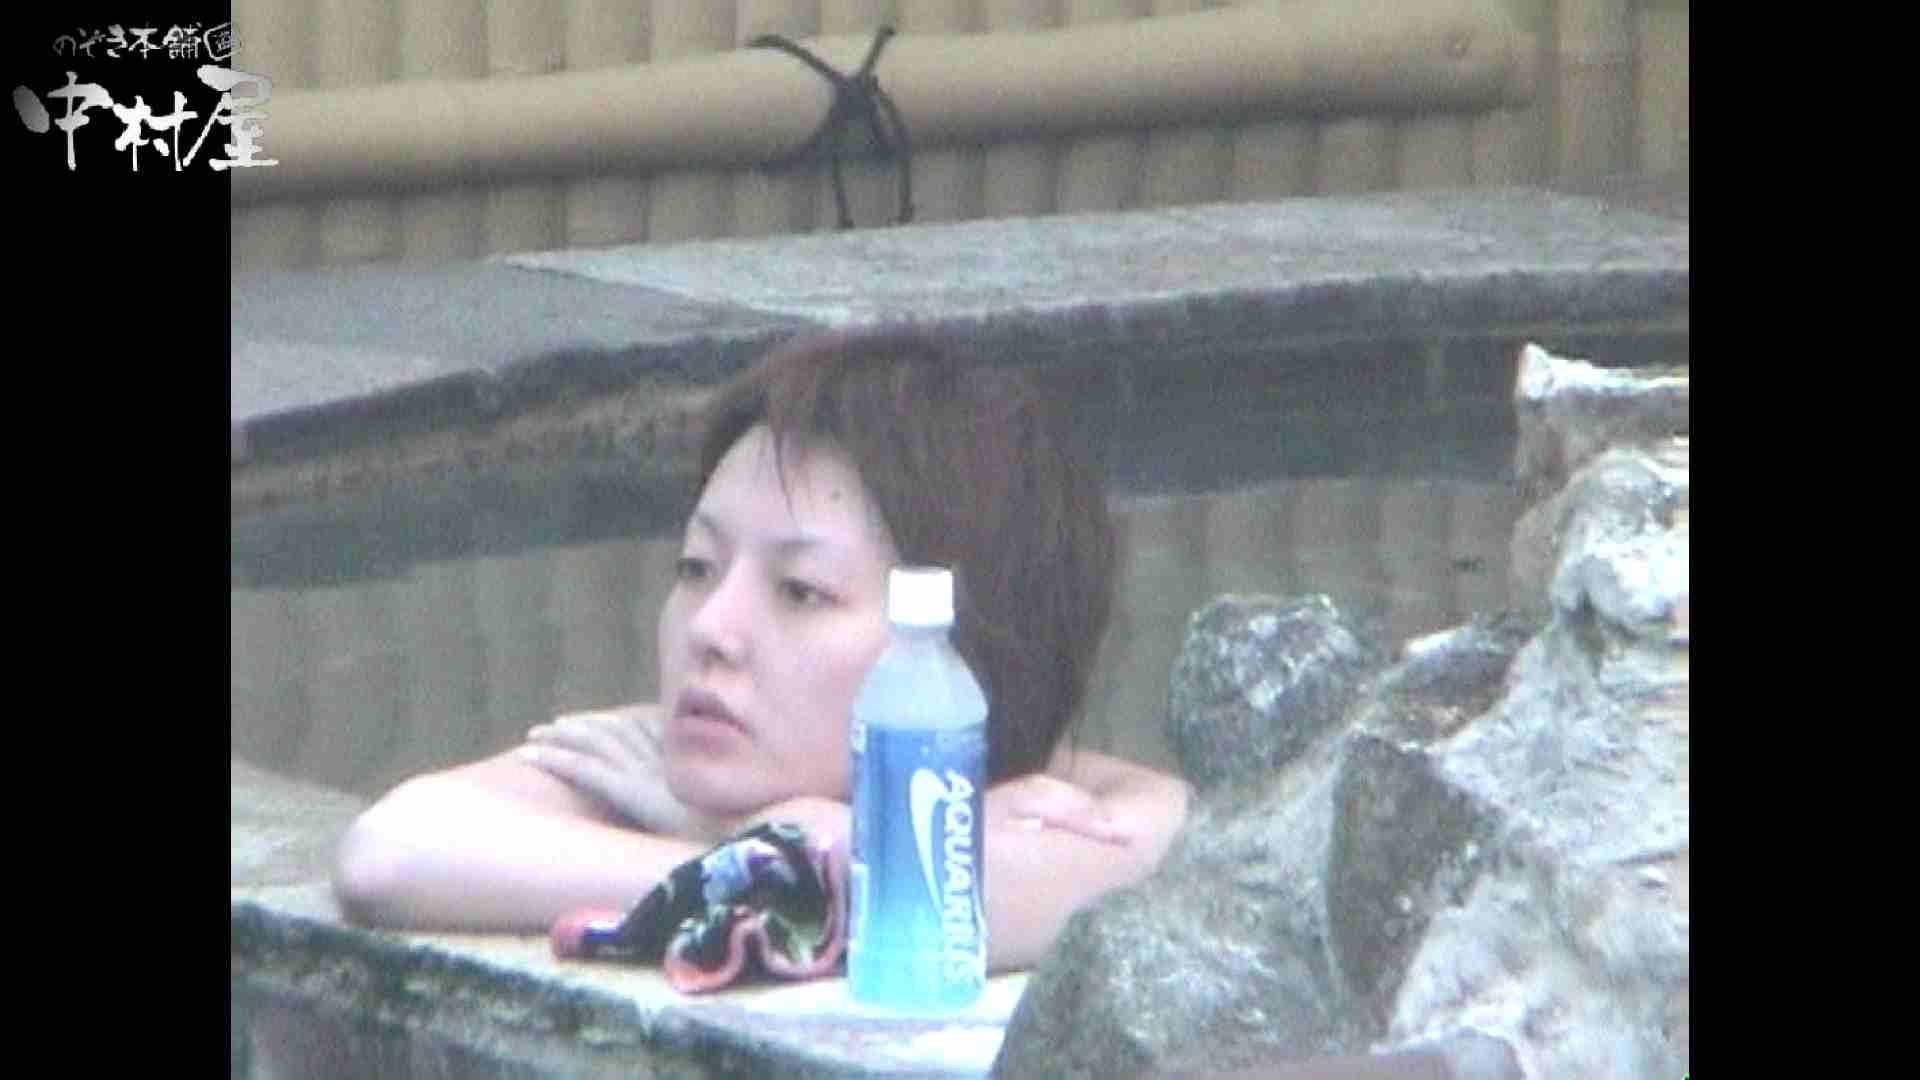 Aquaな露天風呂Vol.959 女体盗撮 | 露天  101連発 46